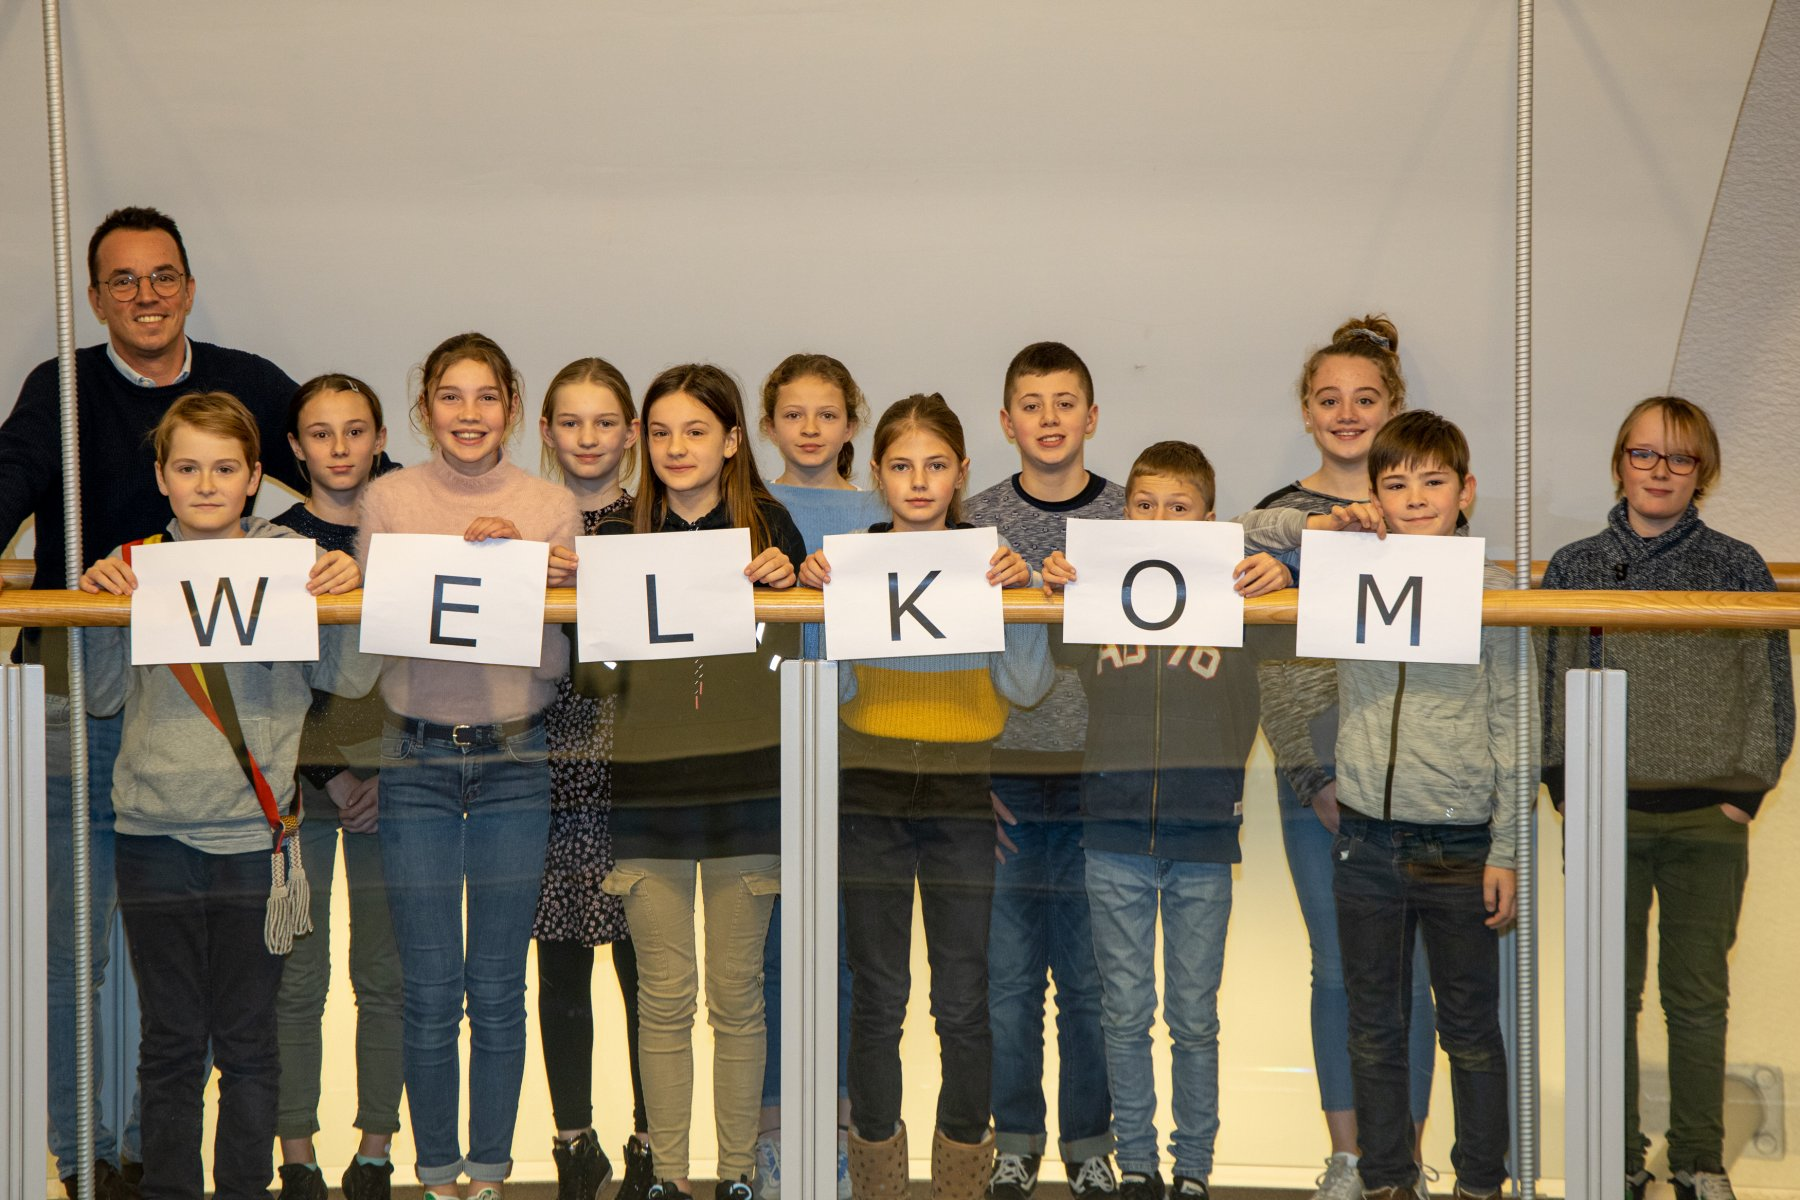 Alle kinderen van het asielcentrum welkom